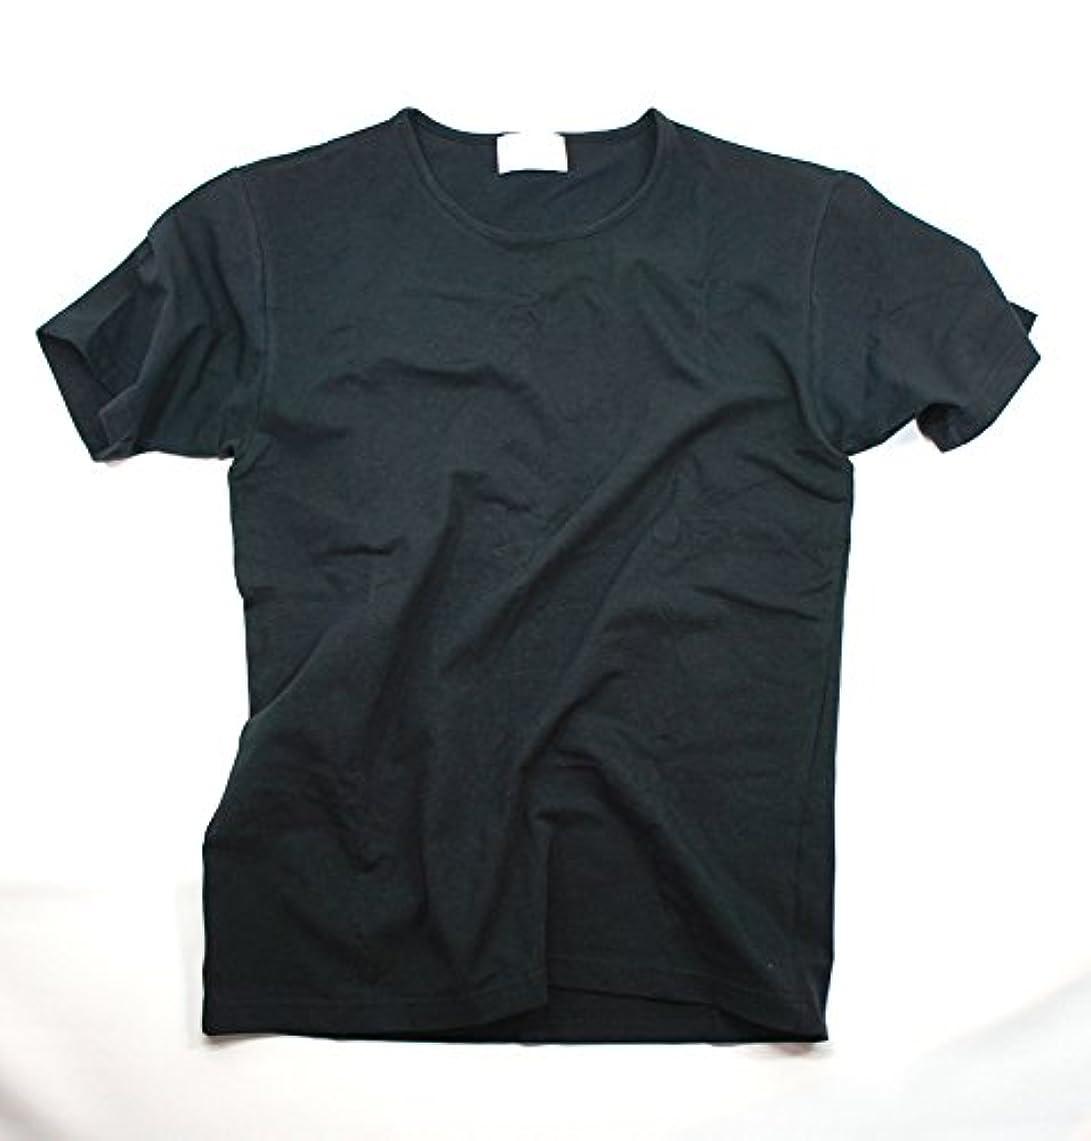 コンベンション野なではごきげんようブリーズブロンズ メンズTシャツ 丸首 ブラック LLサイズ